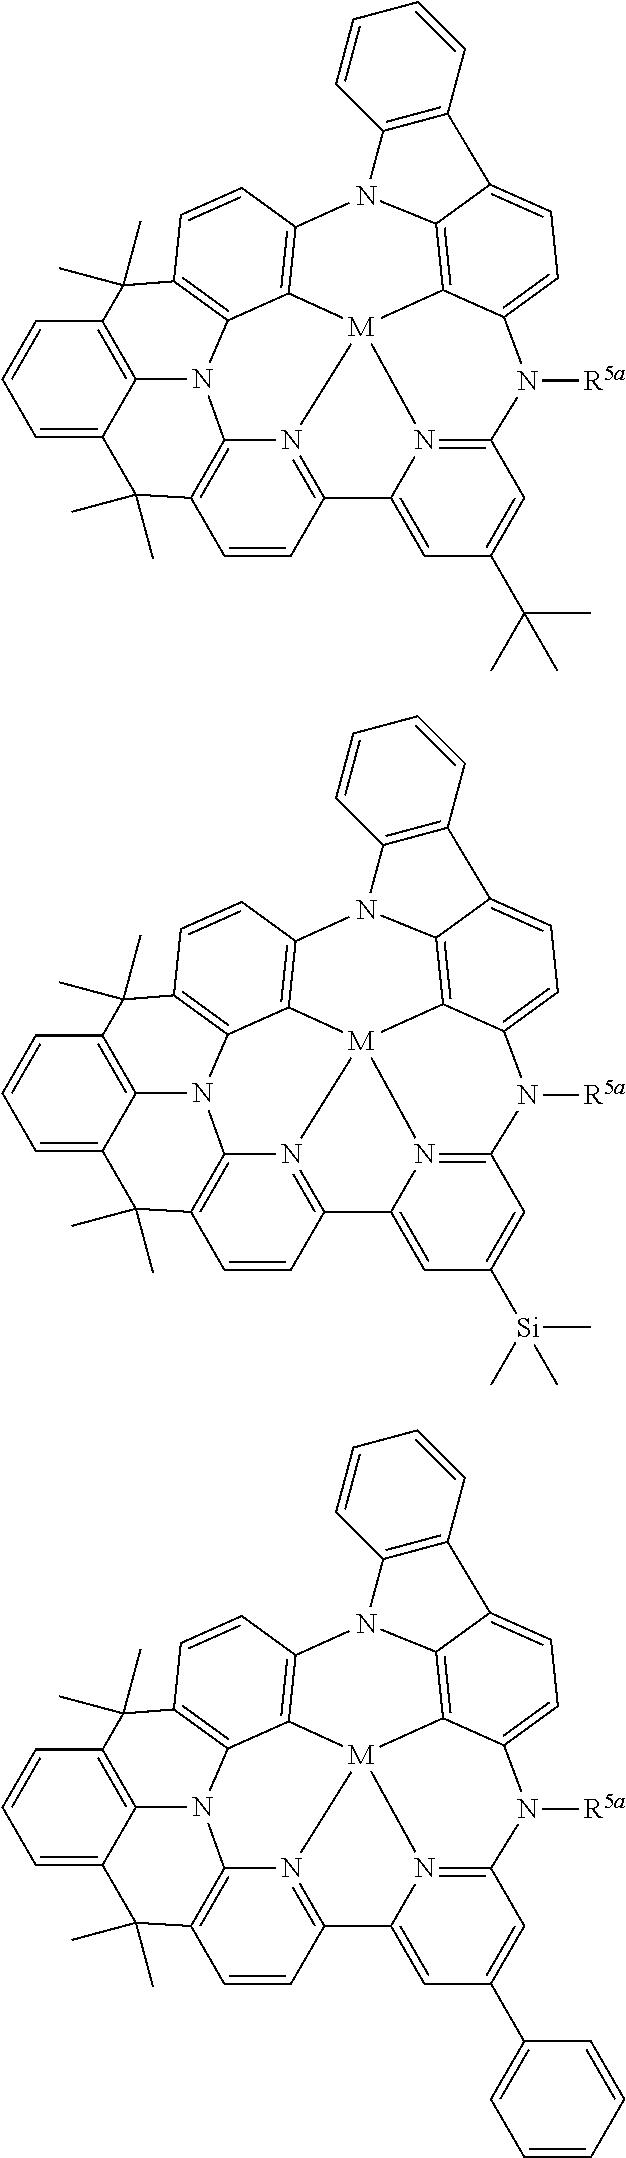 Figure US10158091-20181218-C00172